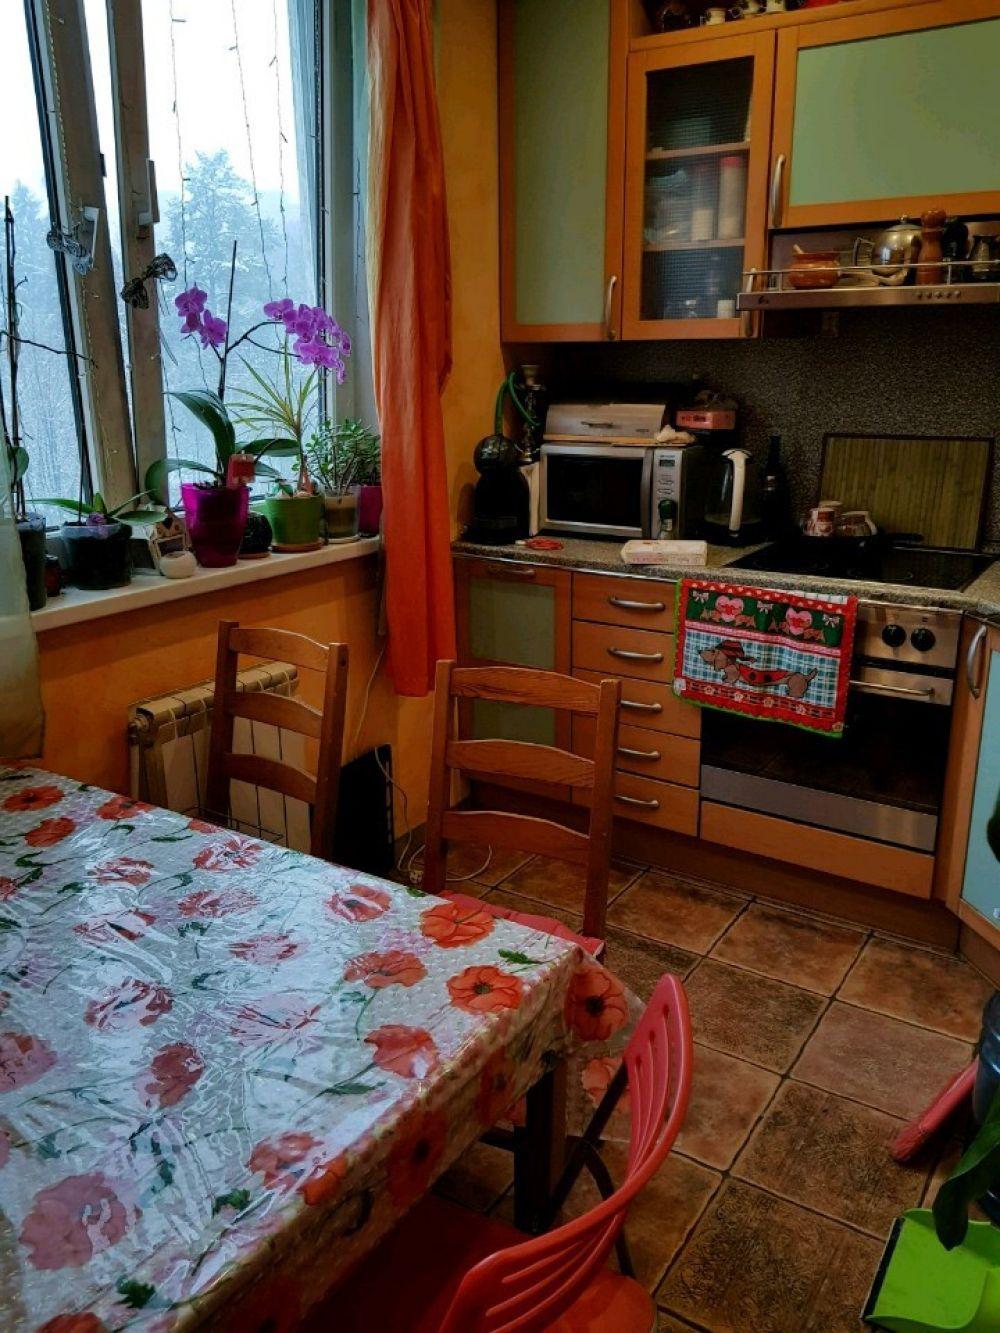 Однокомнатная квартира Московская область г.Королев ул.Пушкинская д.3., фото 6